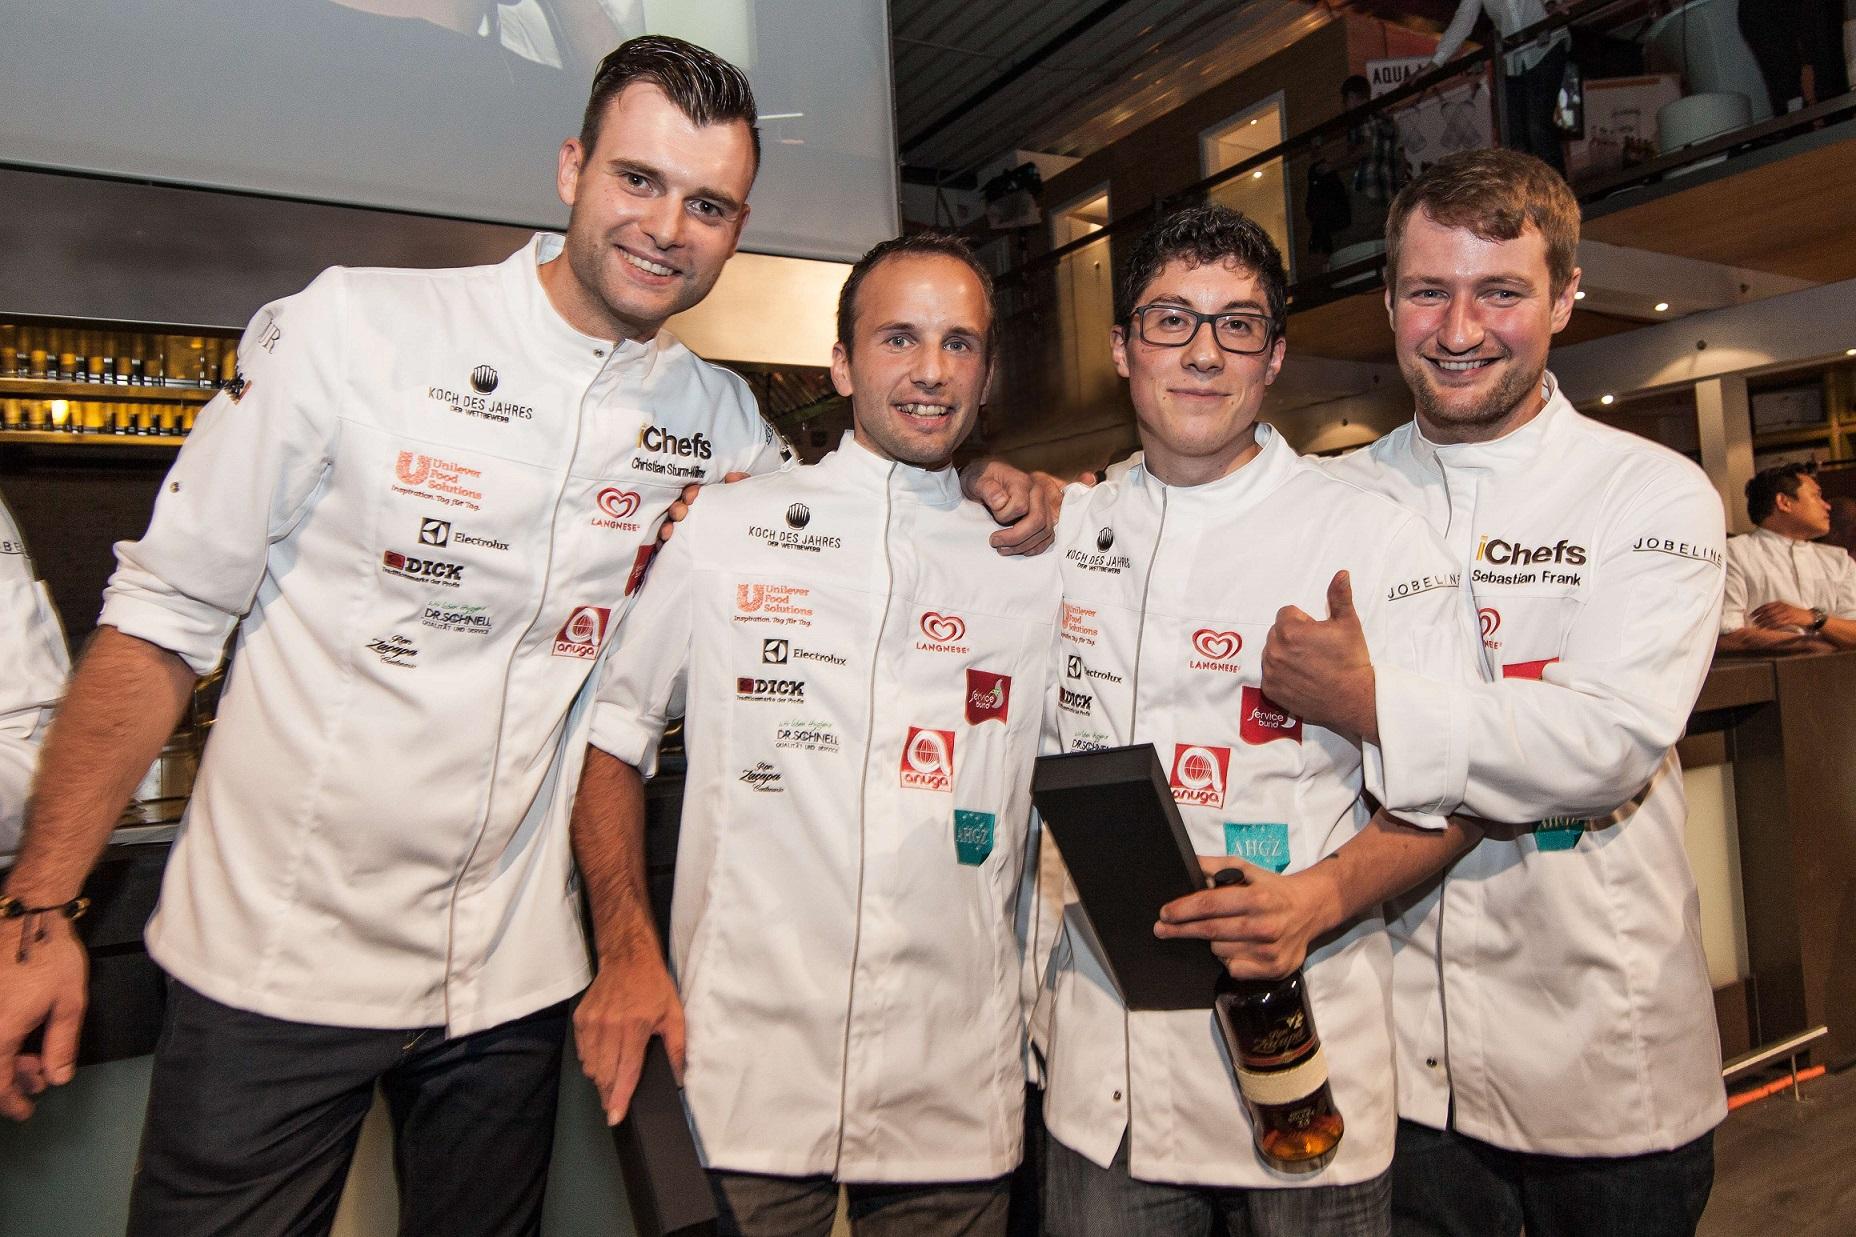 vorfinale zum koch des jahres in köln - zwei finalisten stehen, Modern dekoo